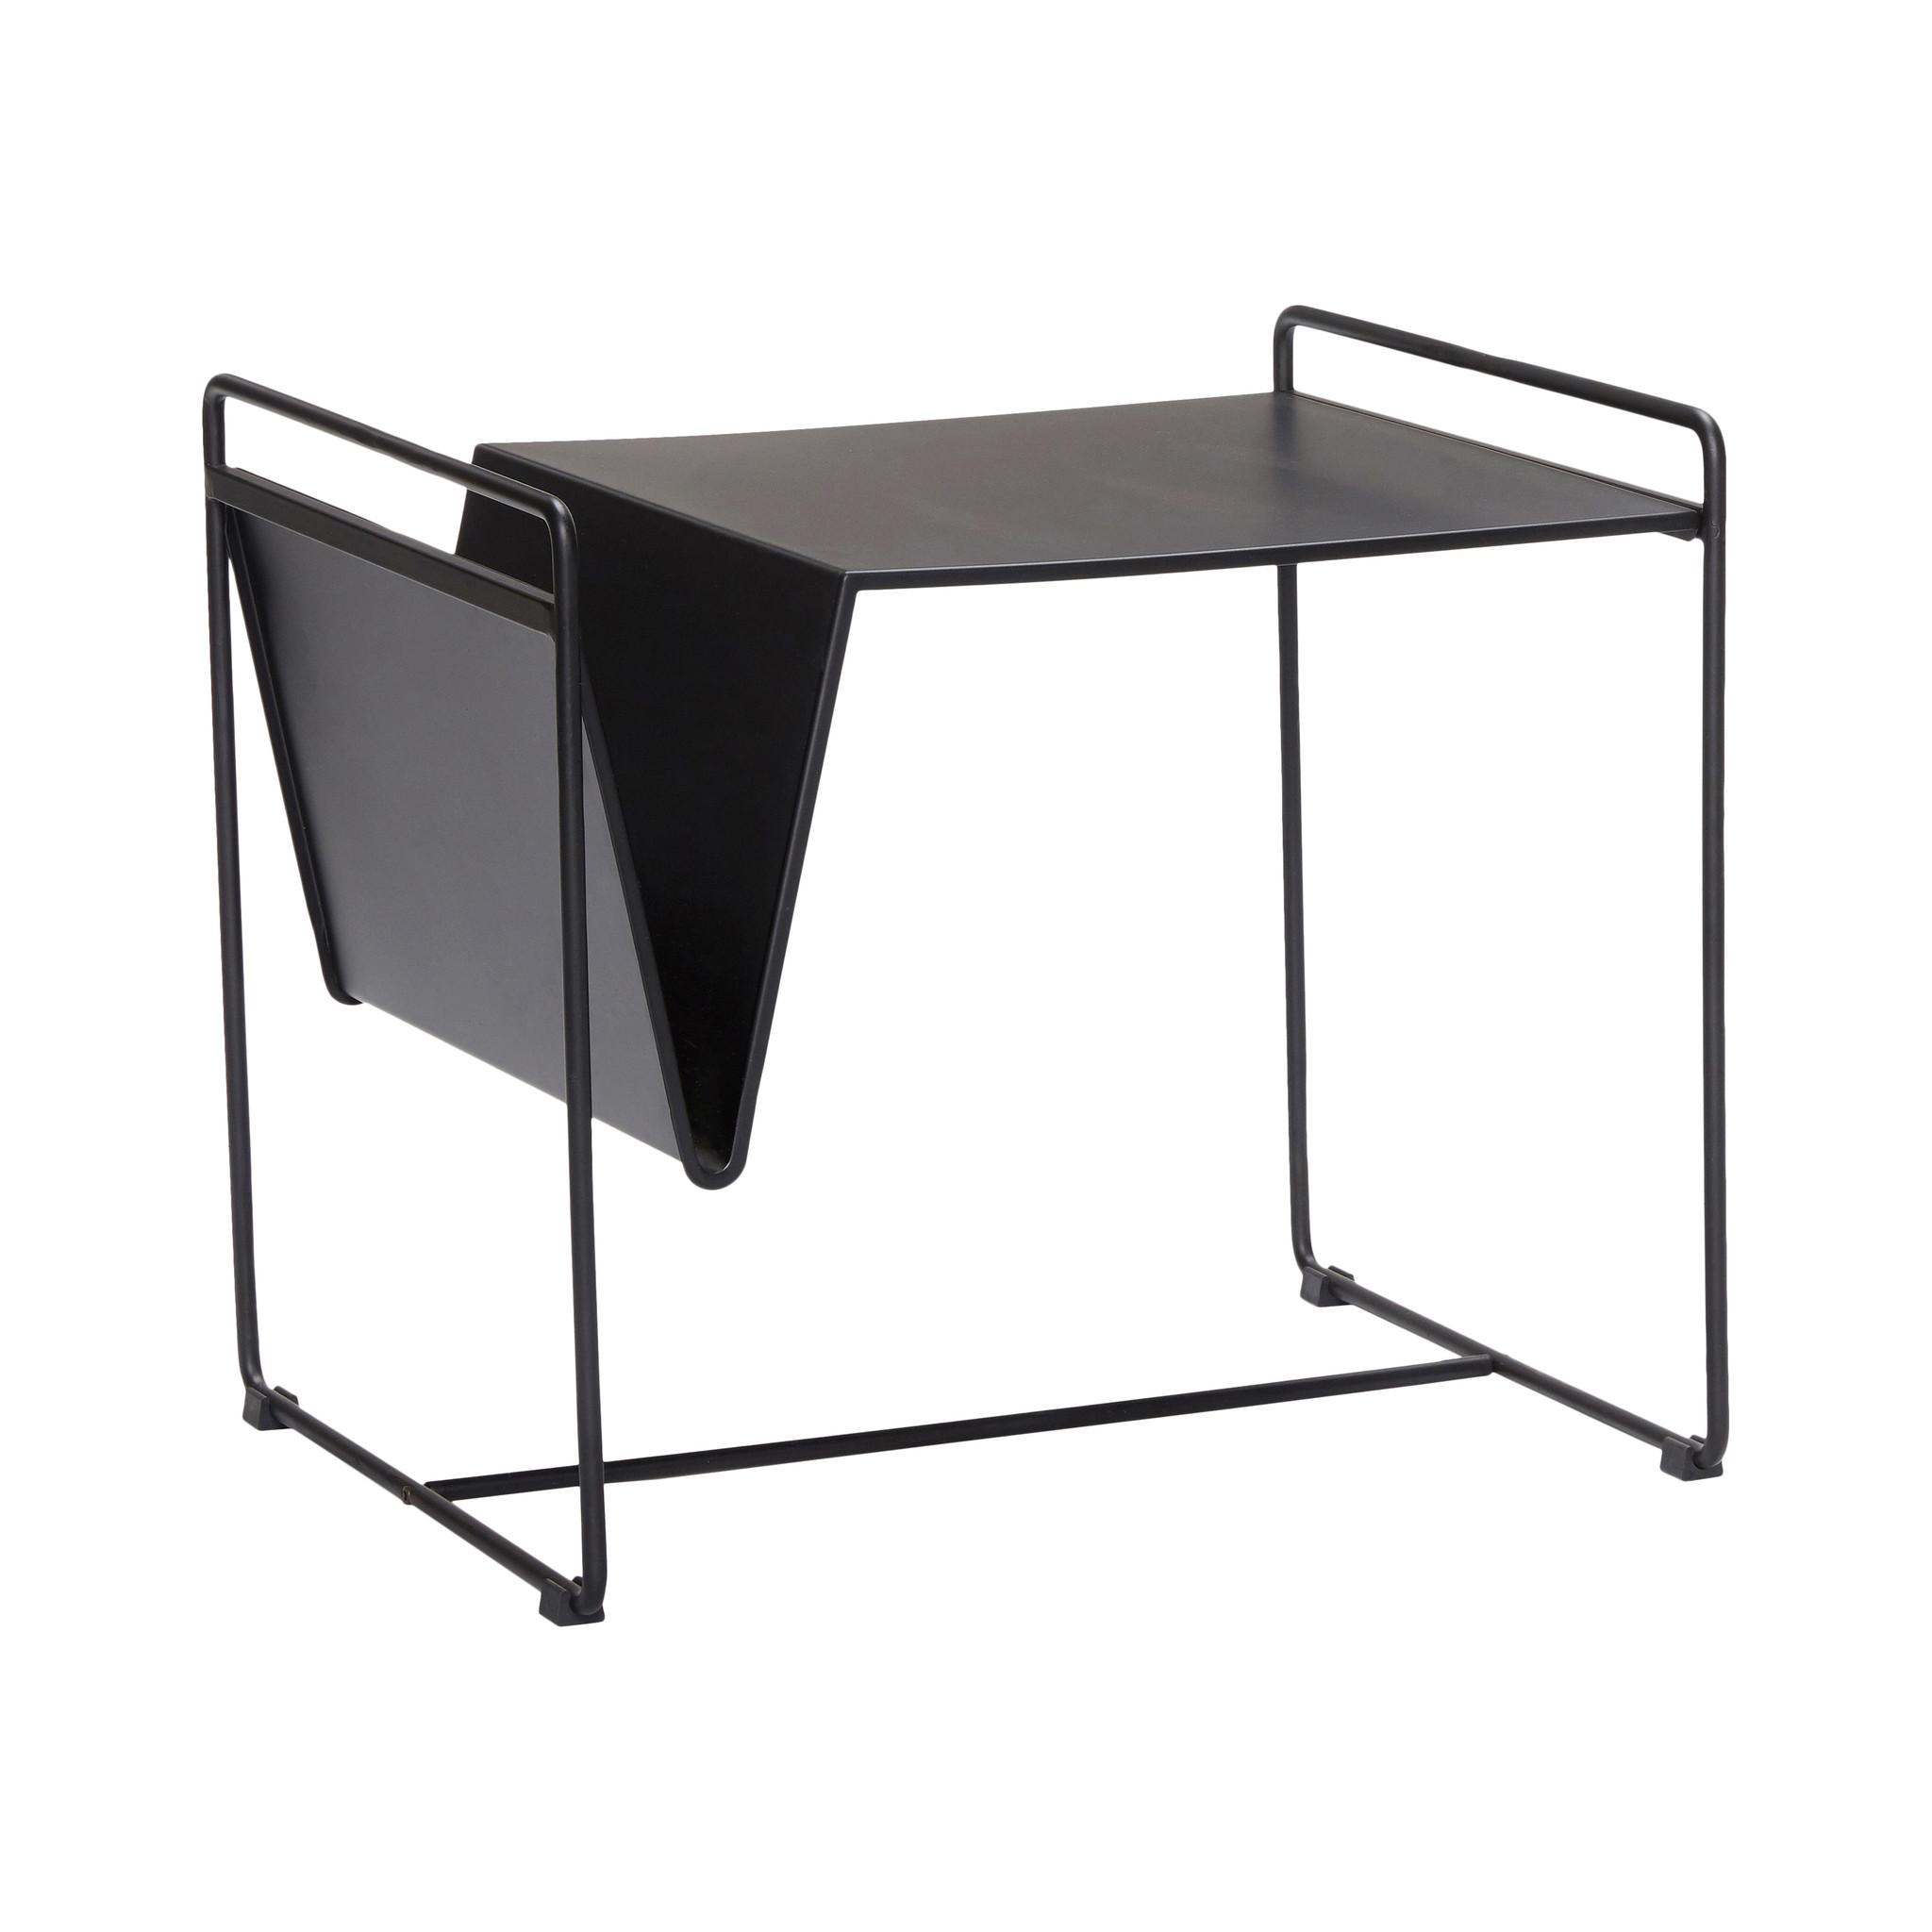 Hubsch Tafel met tijdschriftenhouder, zwart, metaal